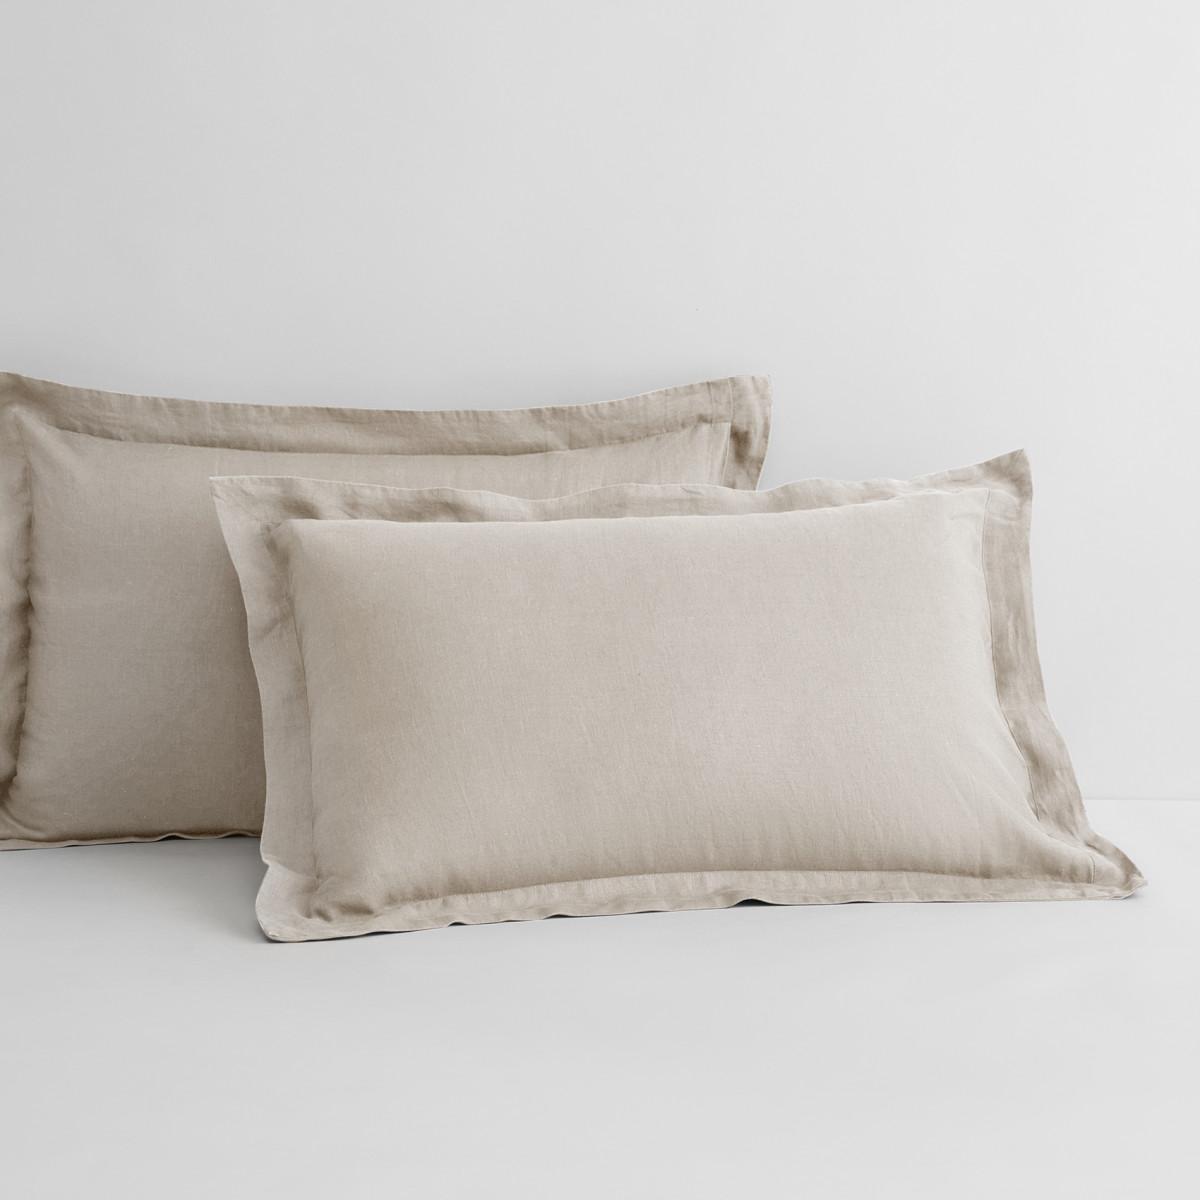 abbotson_single_pillowcase_pair_flax_1_1700x1700